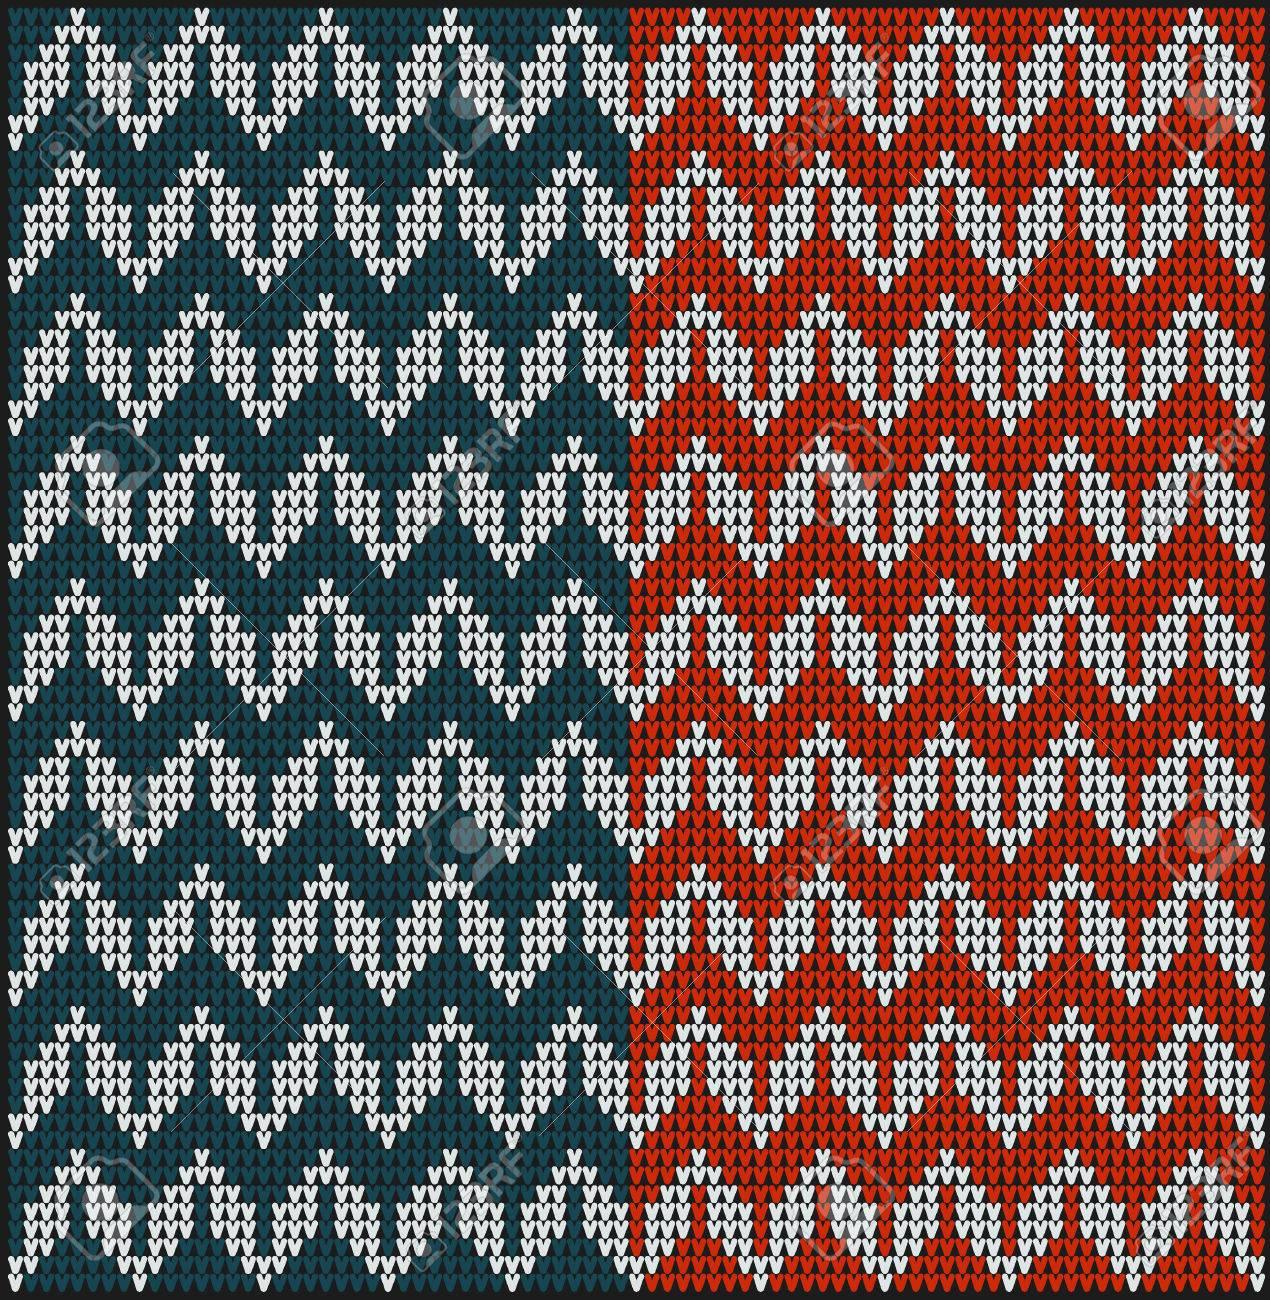 Diseño Suéter De Invierno En El Punto De Lana De Textura. Patrones ...